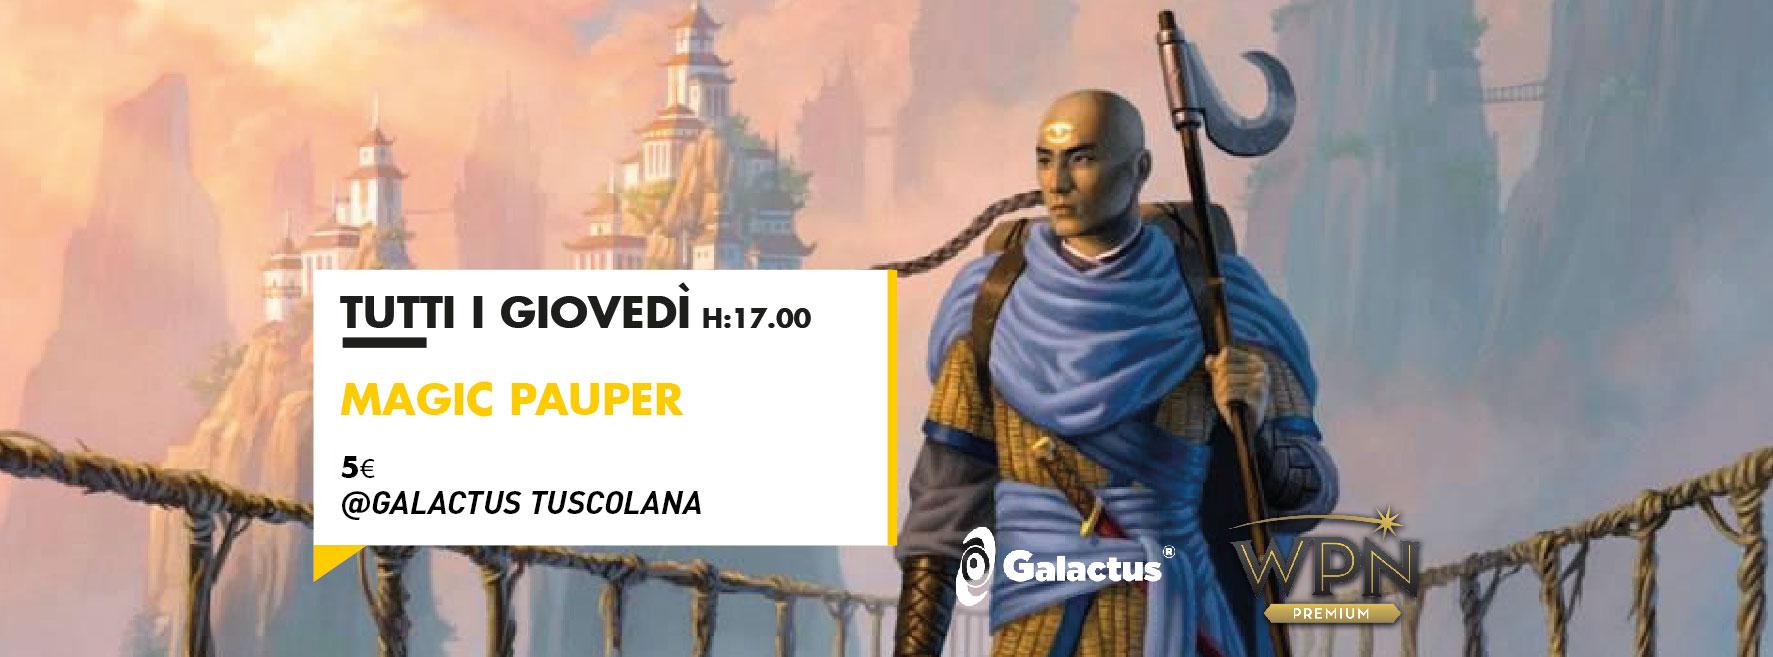 Evento Magic: Pauper @ Galactus Tuscolana